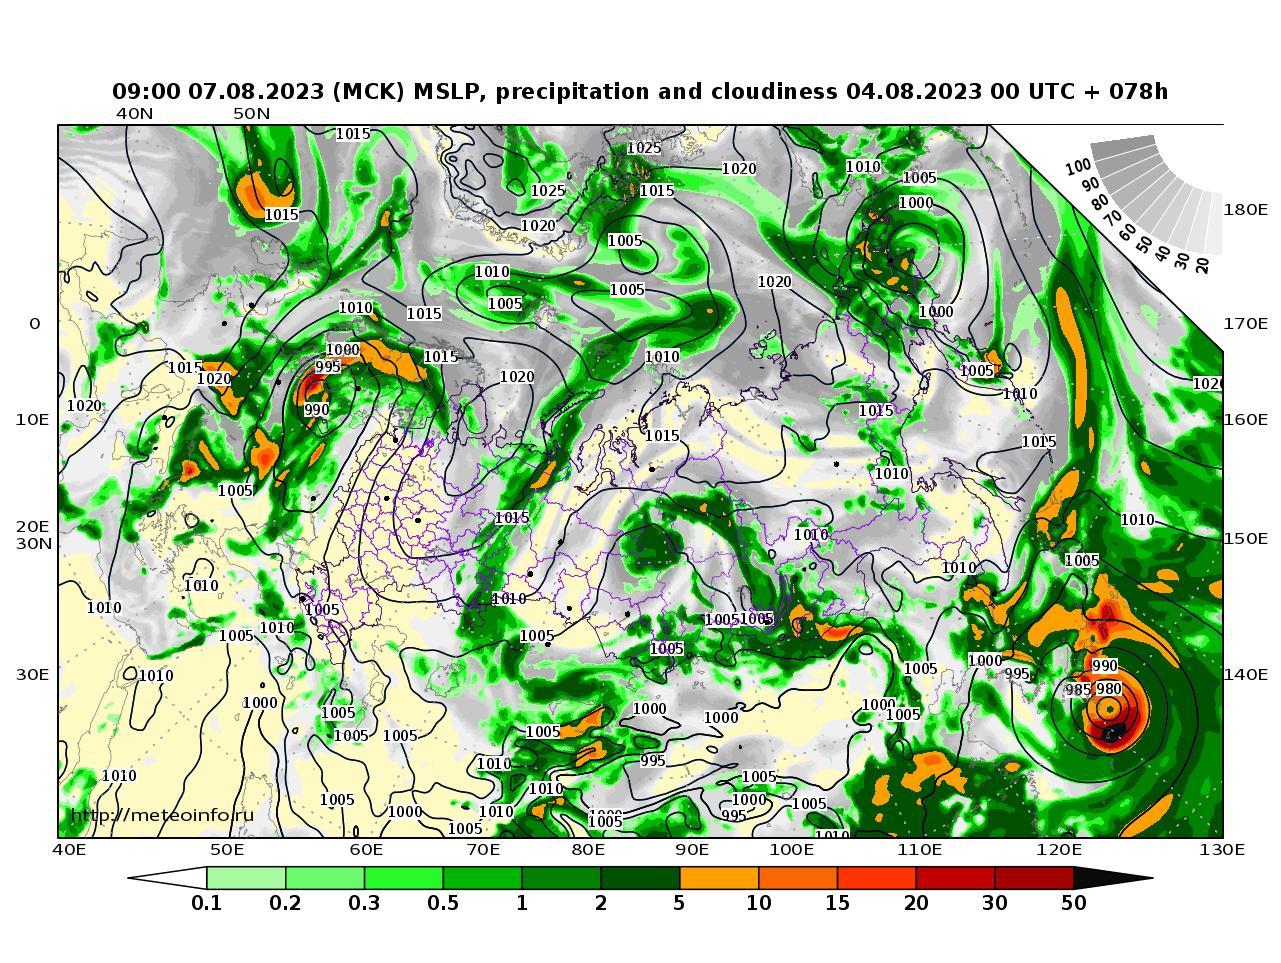 Россия, прогностическая карта осадки и давление, заблаговременность прогноза 78 часов